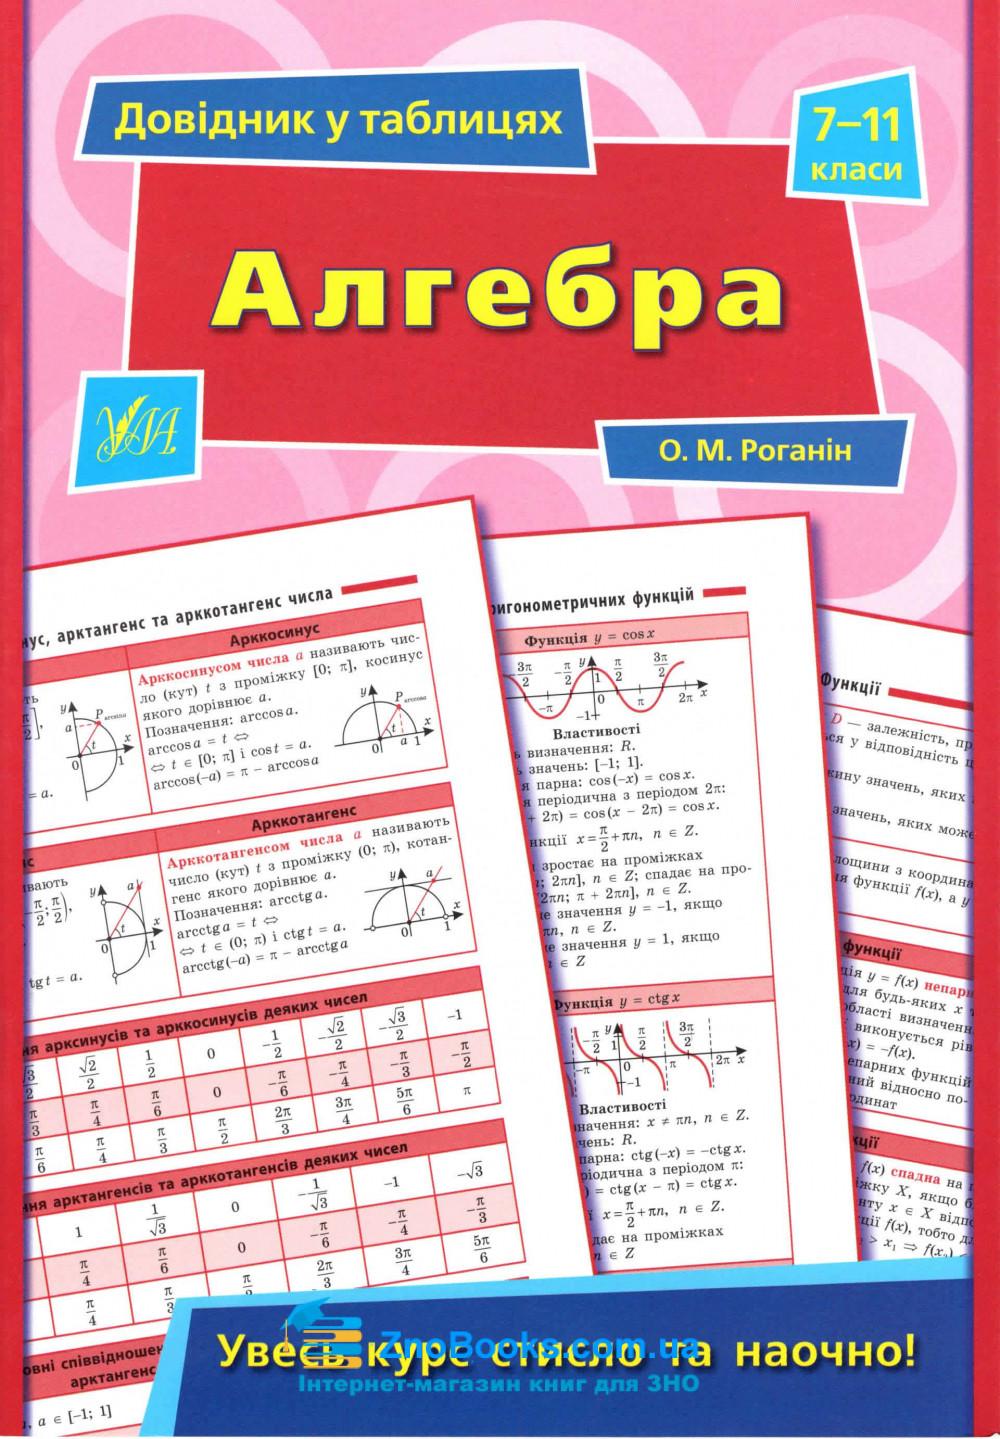 Алгебра 7-11 класи. Серія «Довідник у таблицях» : Роганін О. М. УЛА. купити 0